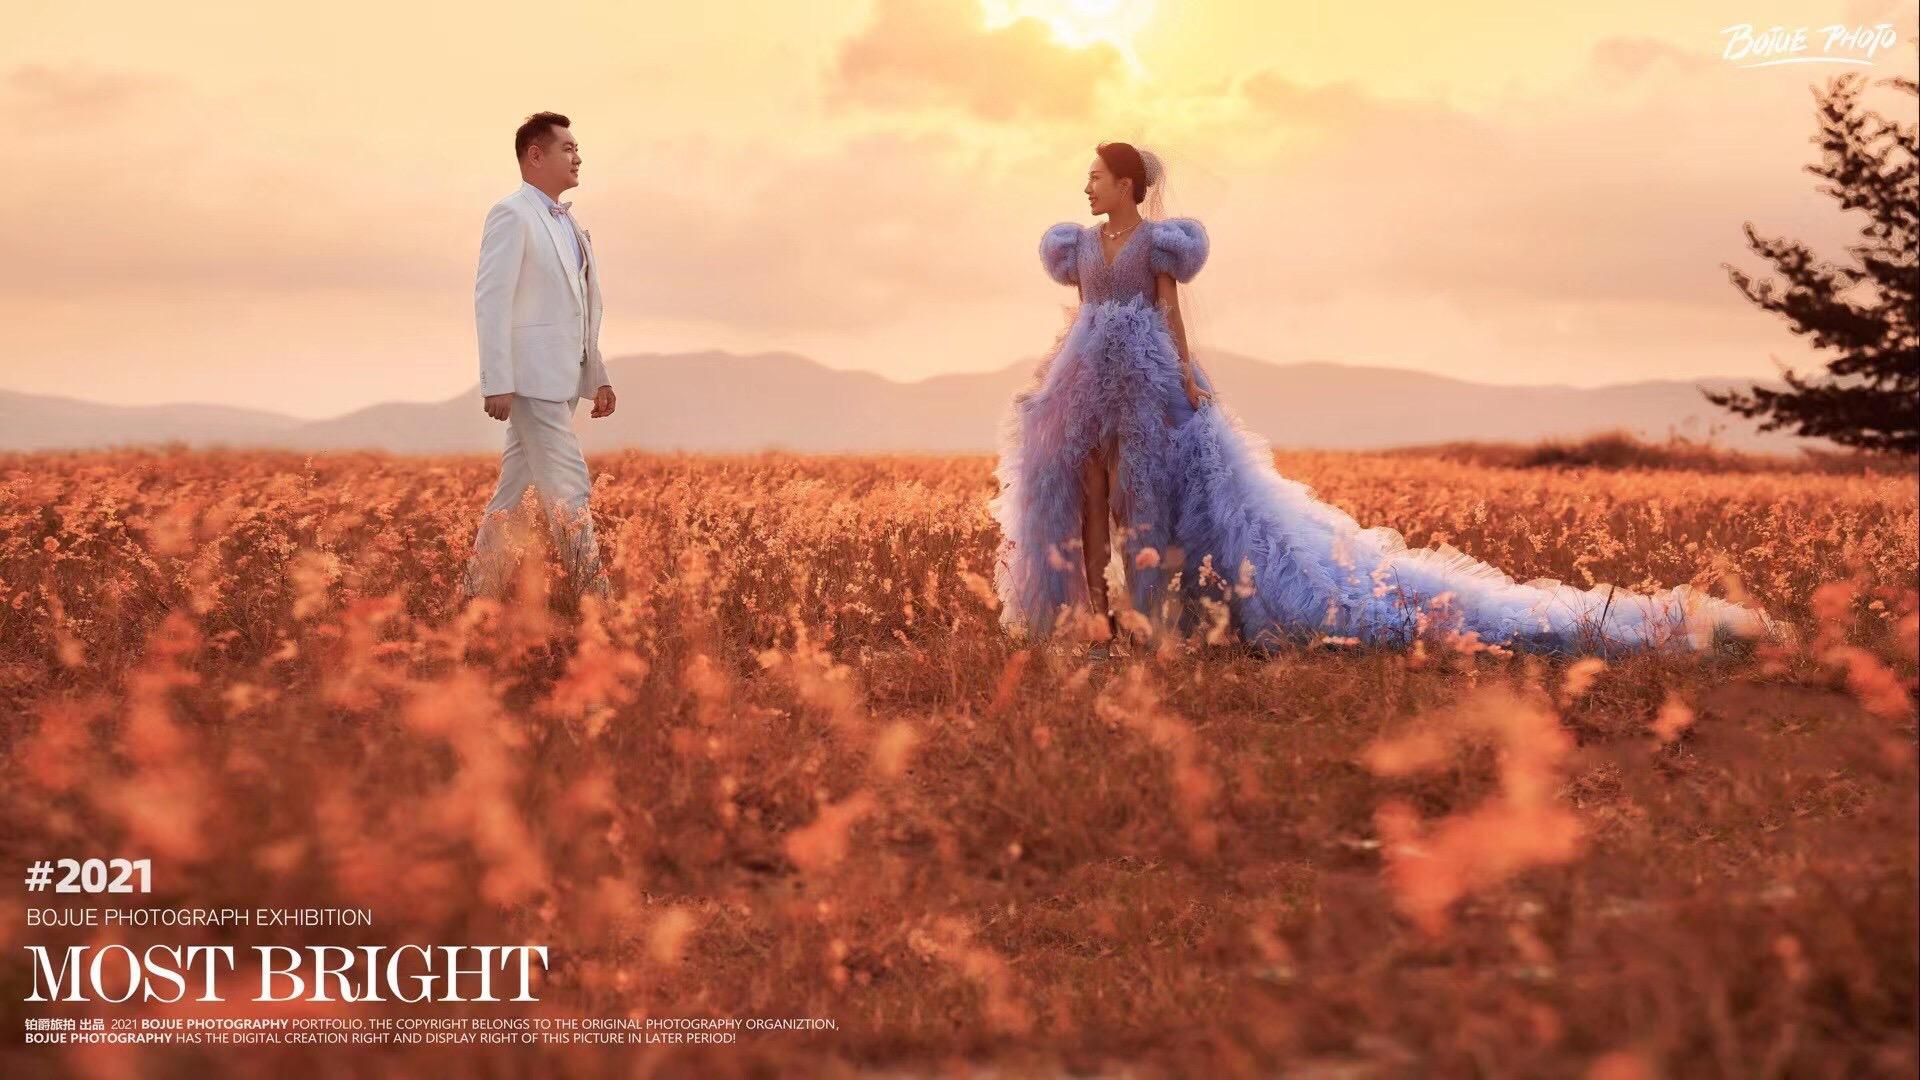 选择铂爵旅拍是我们到三亚拍婚纱照做的最正确的事